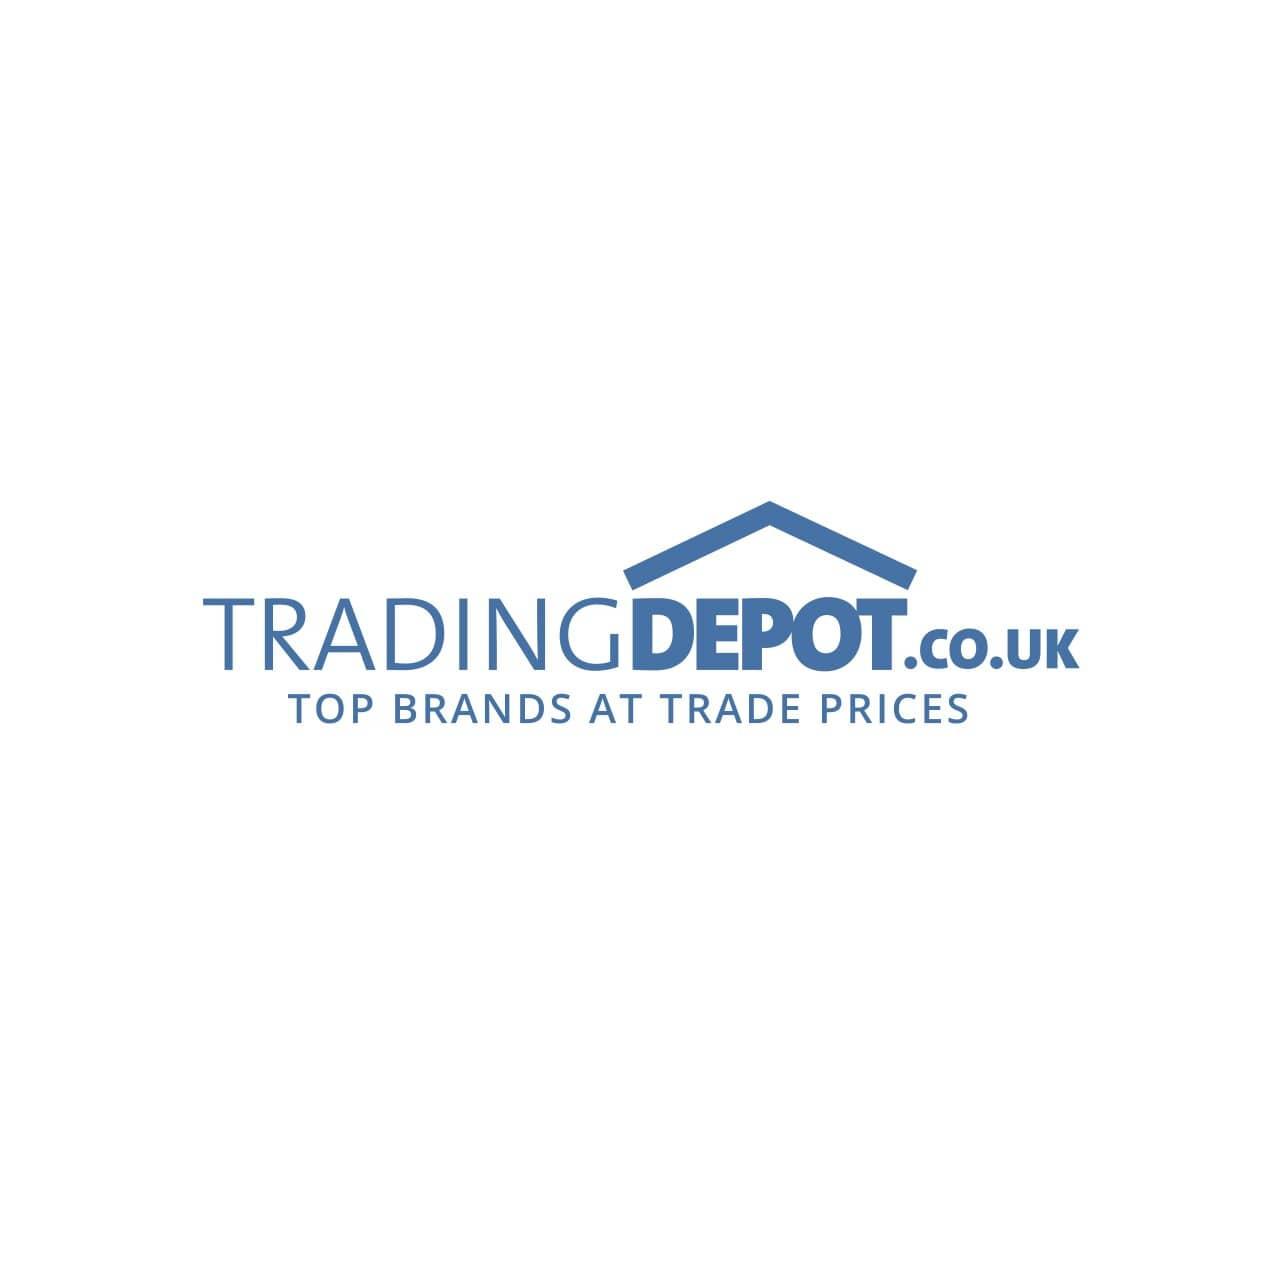 Trend FTS/KIT Fast Track Portable Sharpener - TREFTSKIT